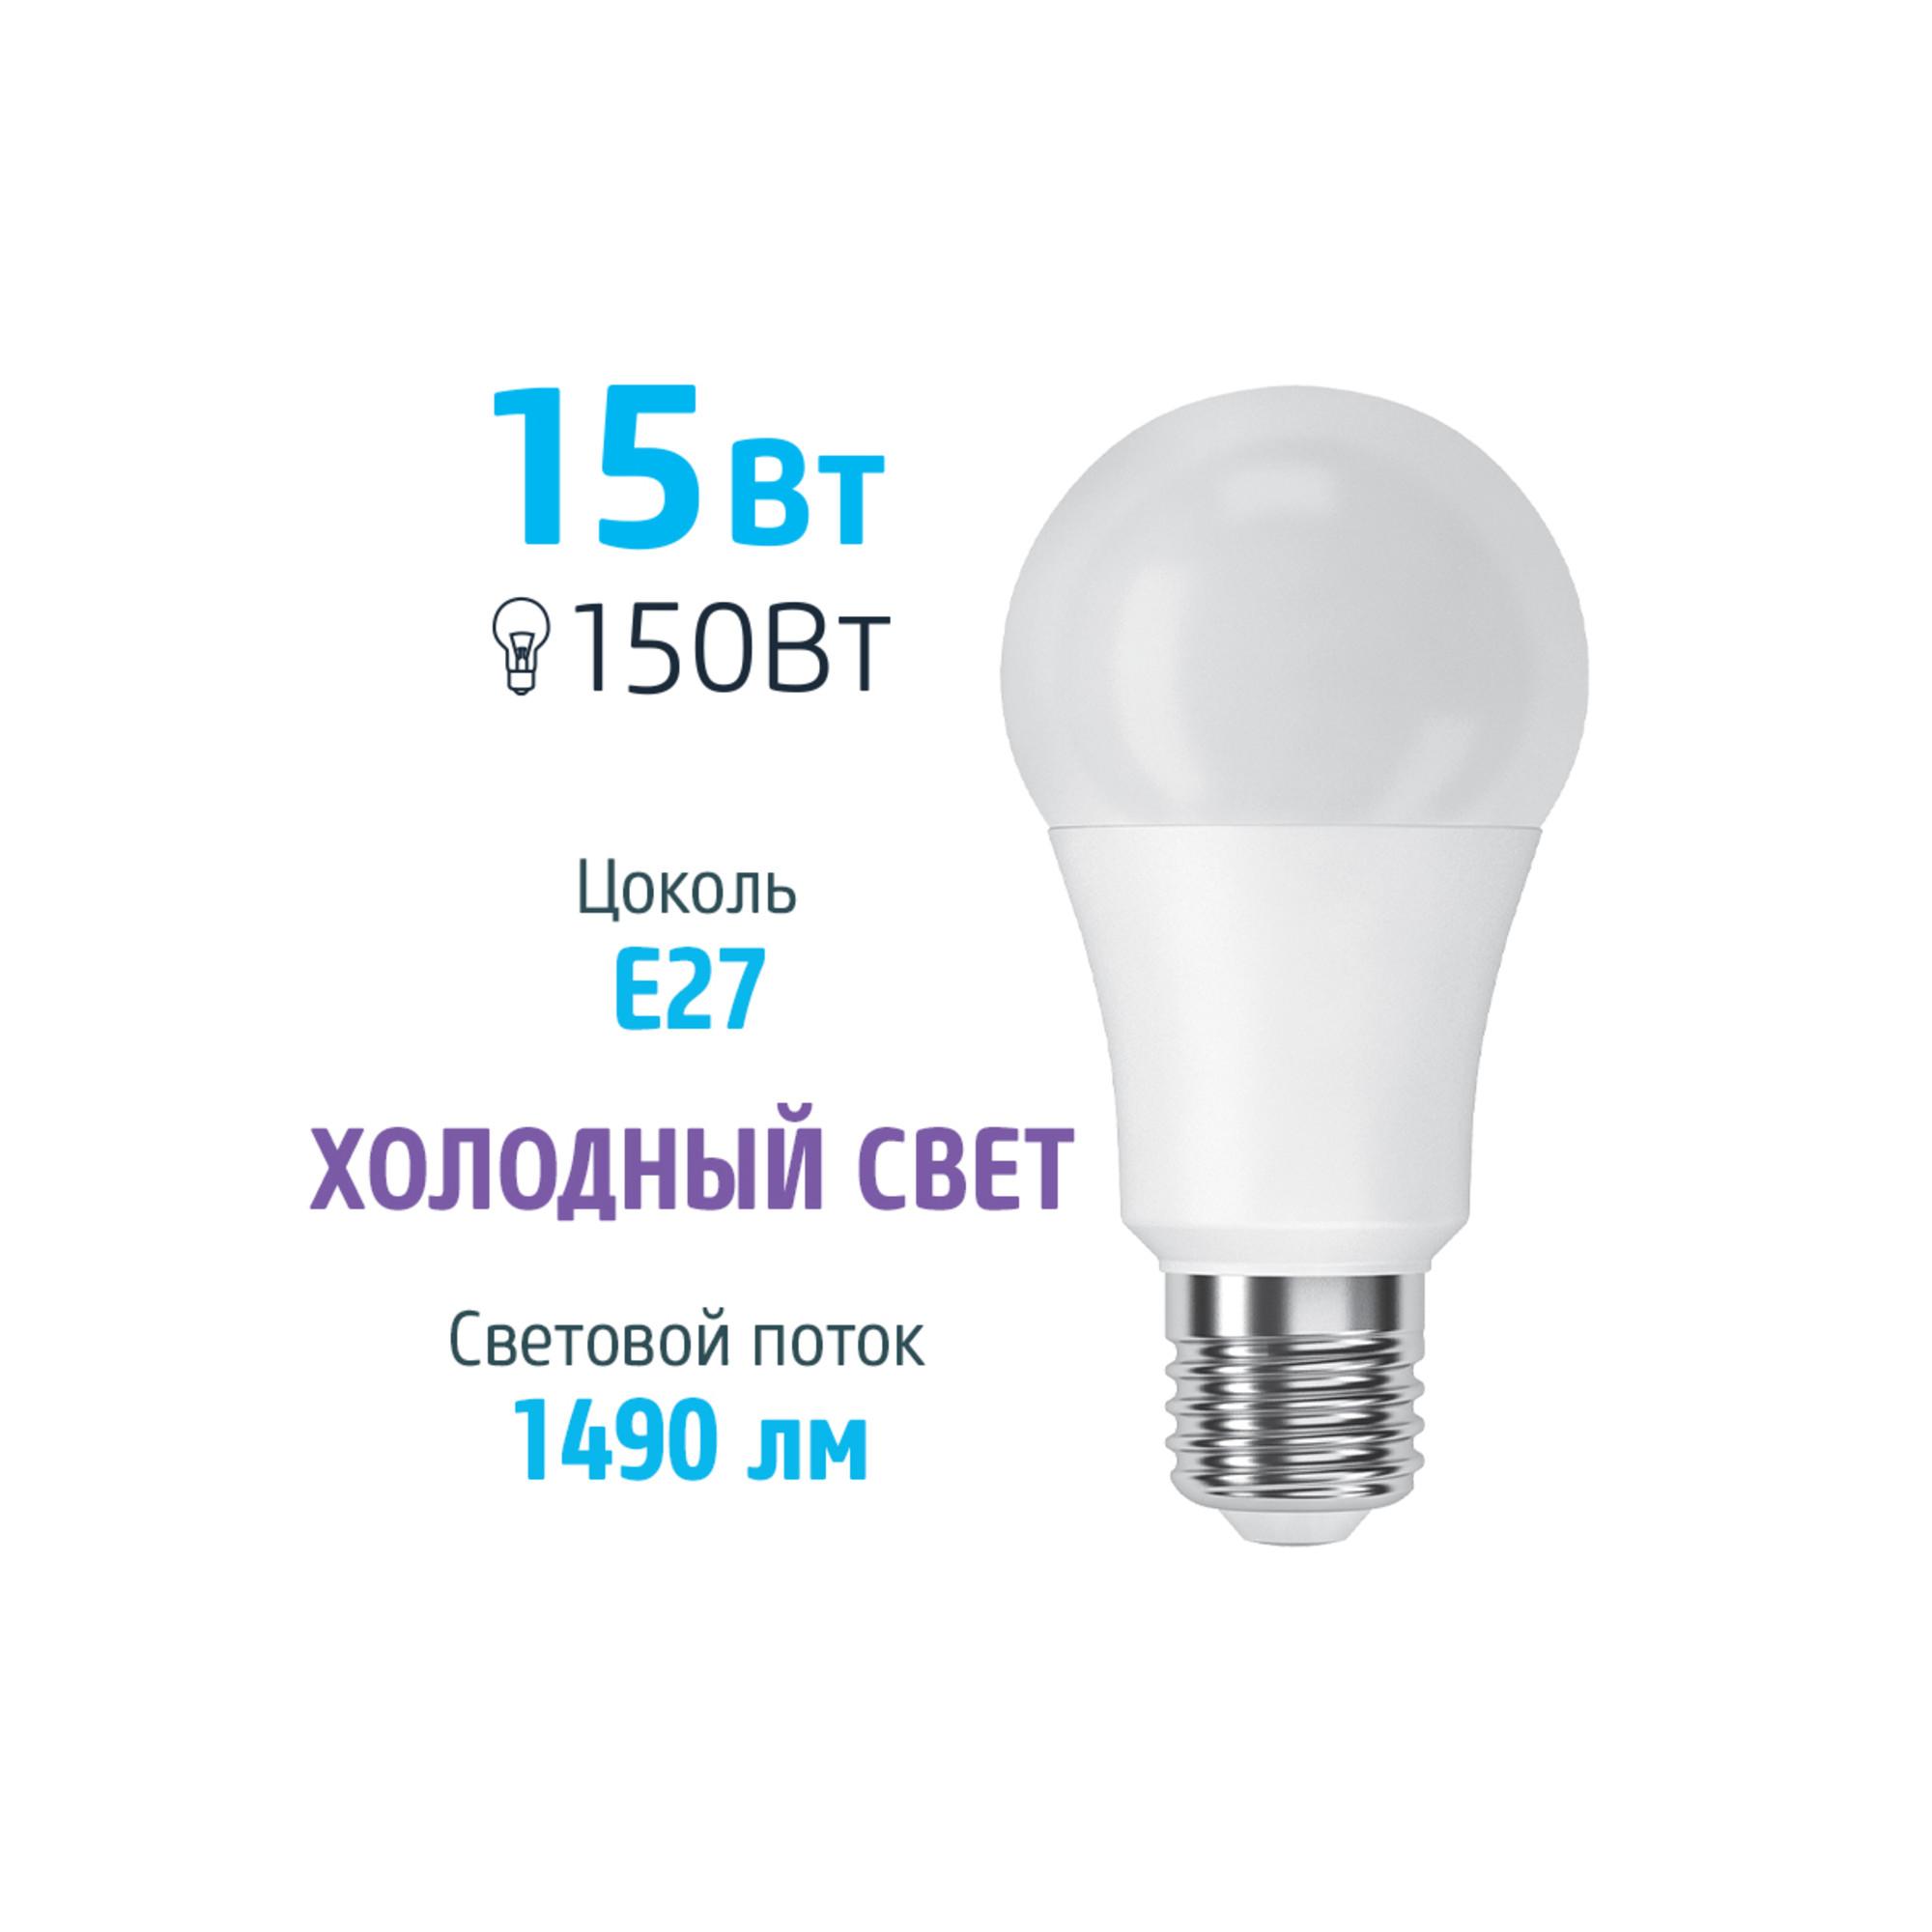 Светодиодная лампочка Фотон 23394 E27 1350 Лм 15 Вт